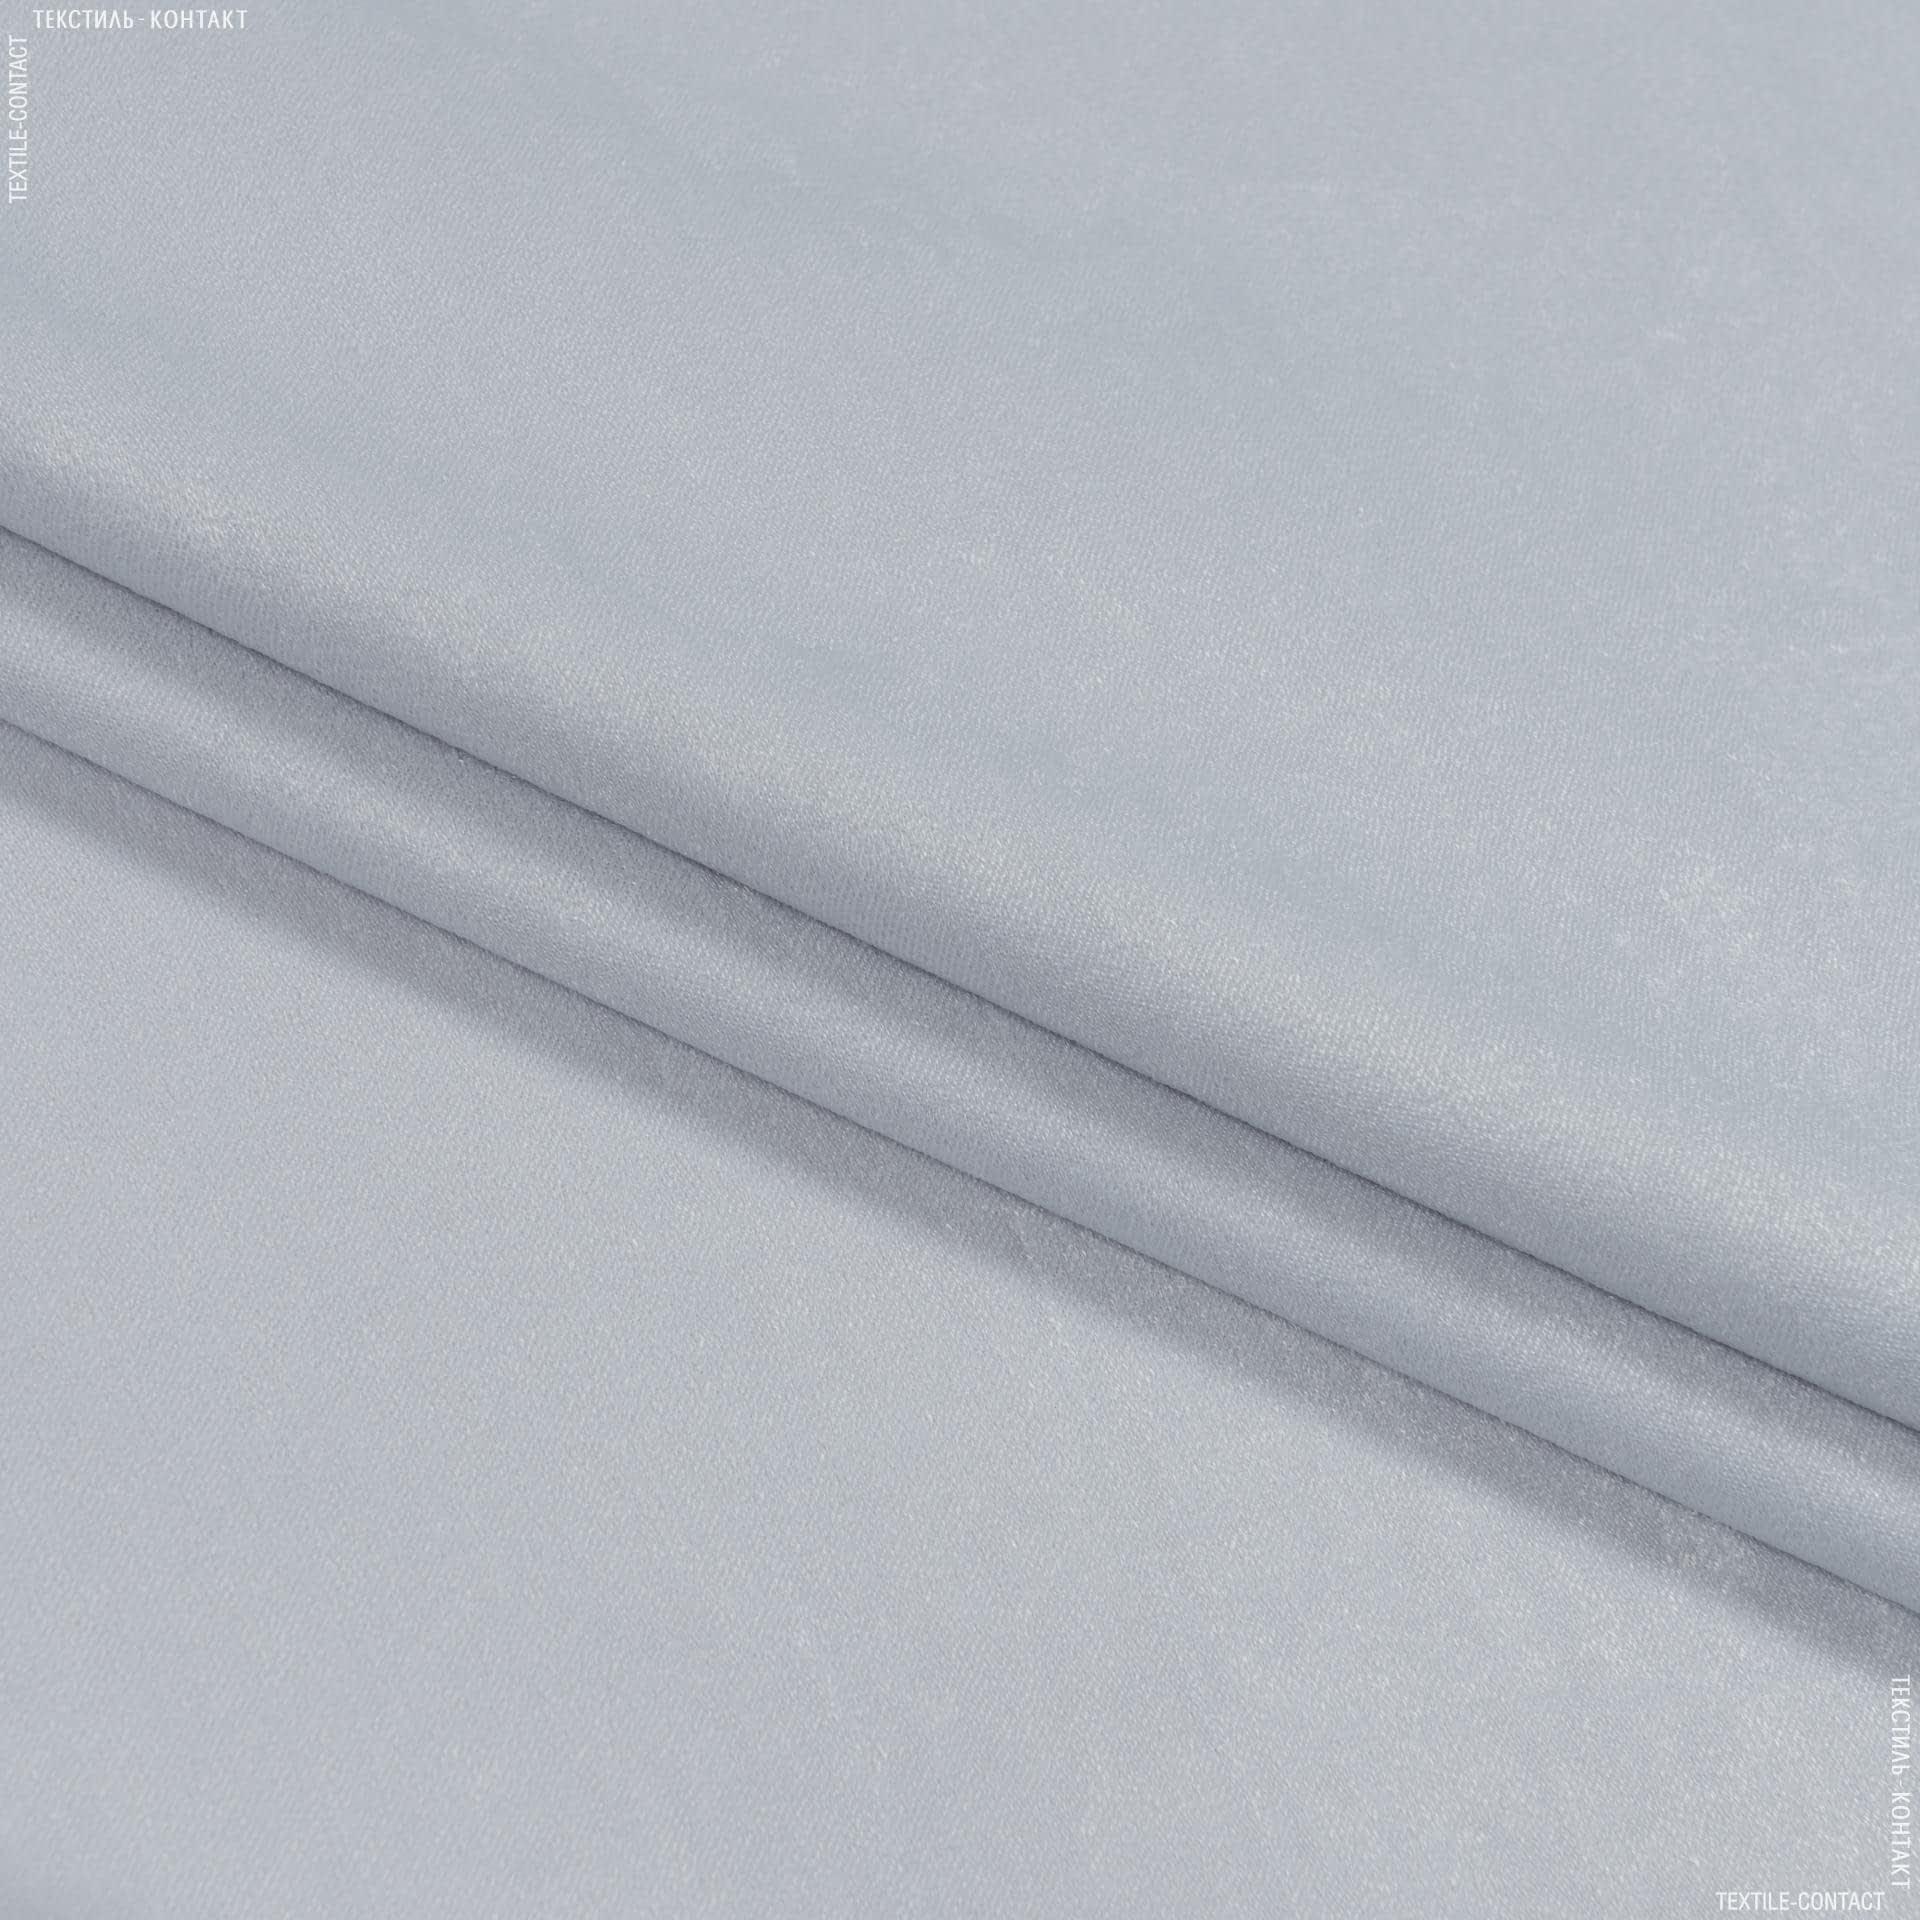 Ткани портьерные ткани - Чин-чила  софт мрамор огнеупорная fr/ св.серый